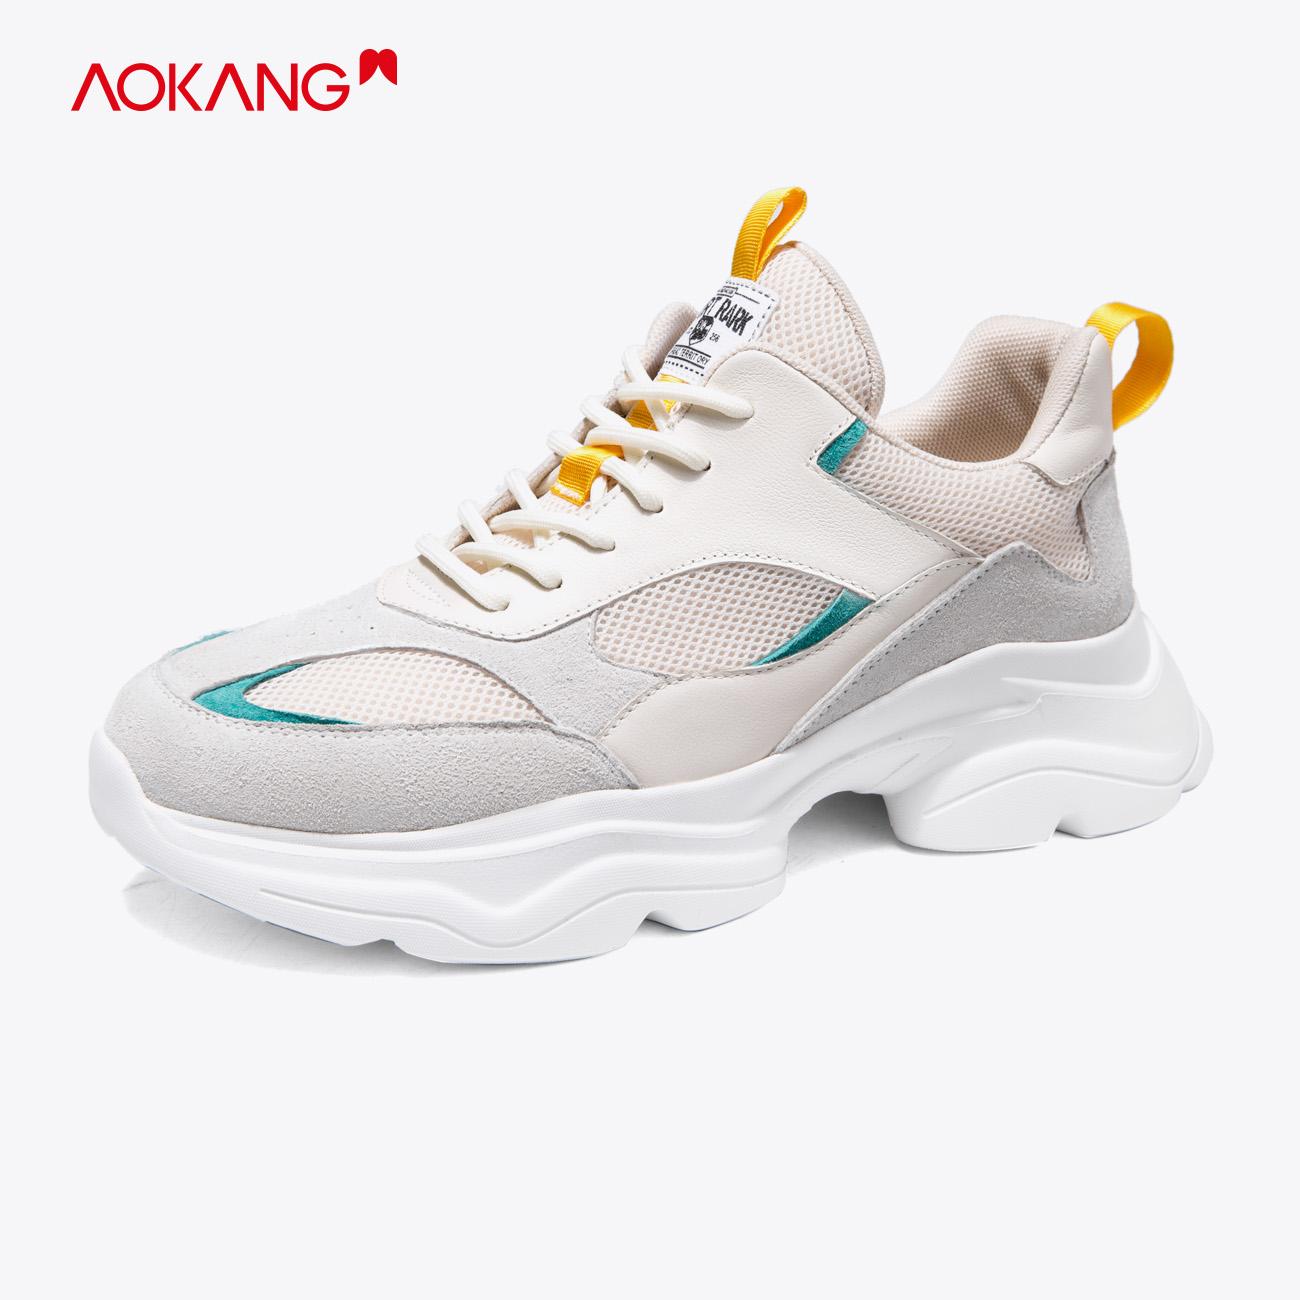 奥康男靴2020春の新型お父さん靴の厚い底の運動靴の男性皮革はつづり合わせてレジャー靴の湿った靴の百足に合います。